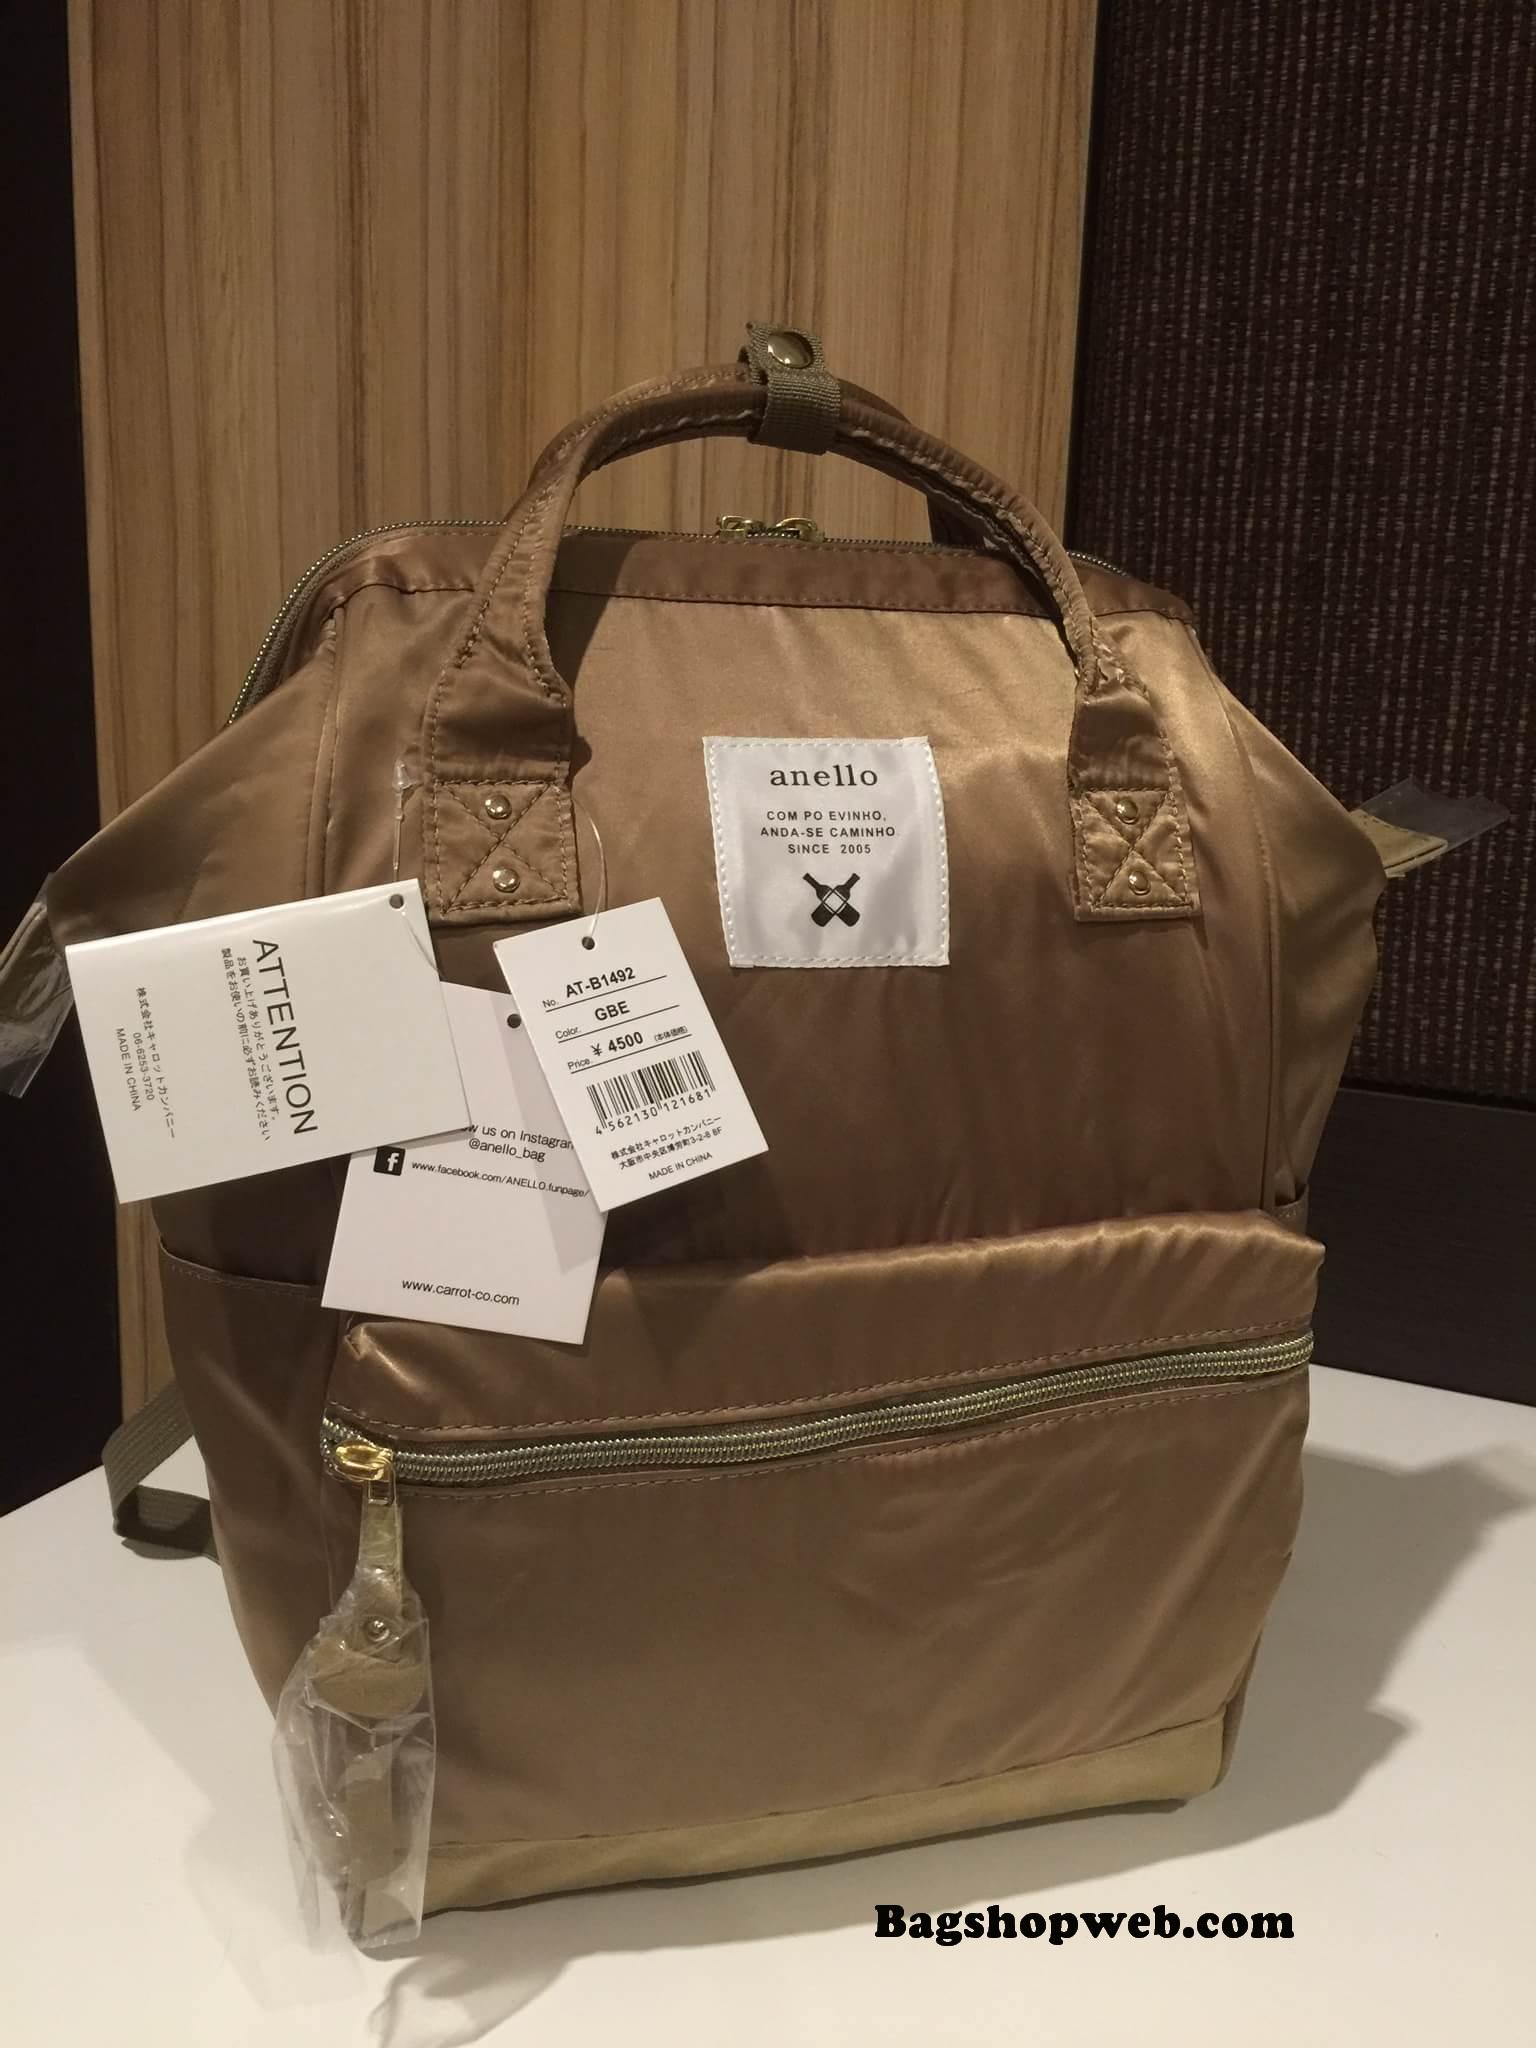 กระเป๋า Anello Nylon Mini Square สี G.Beige ราคา 1,390 บาท Free Ems